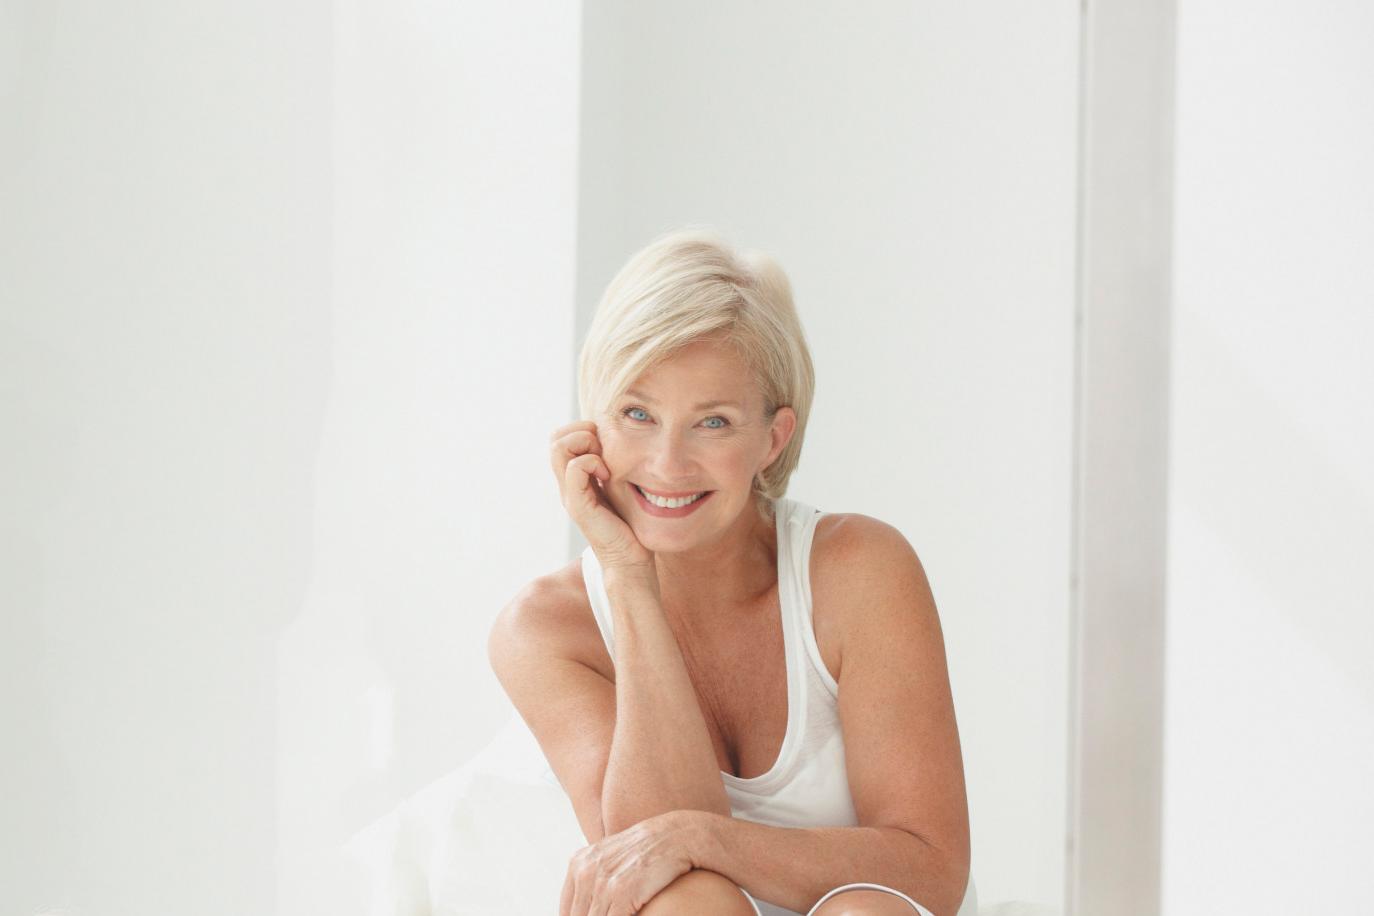 Žena u menopauzi koja se smeje i deluje srećno i zadovoljna. Sedi u svojoj kući, lice joj je naslonjeno na ruku.